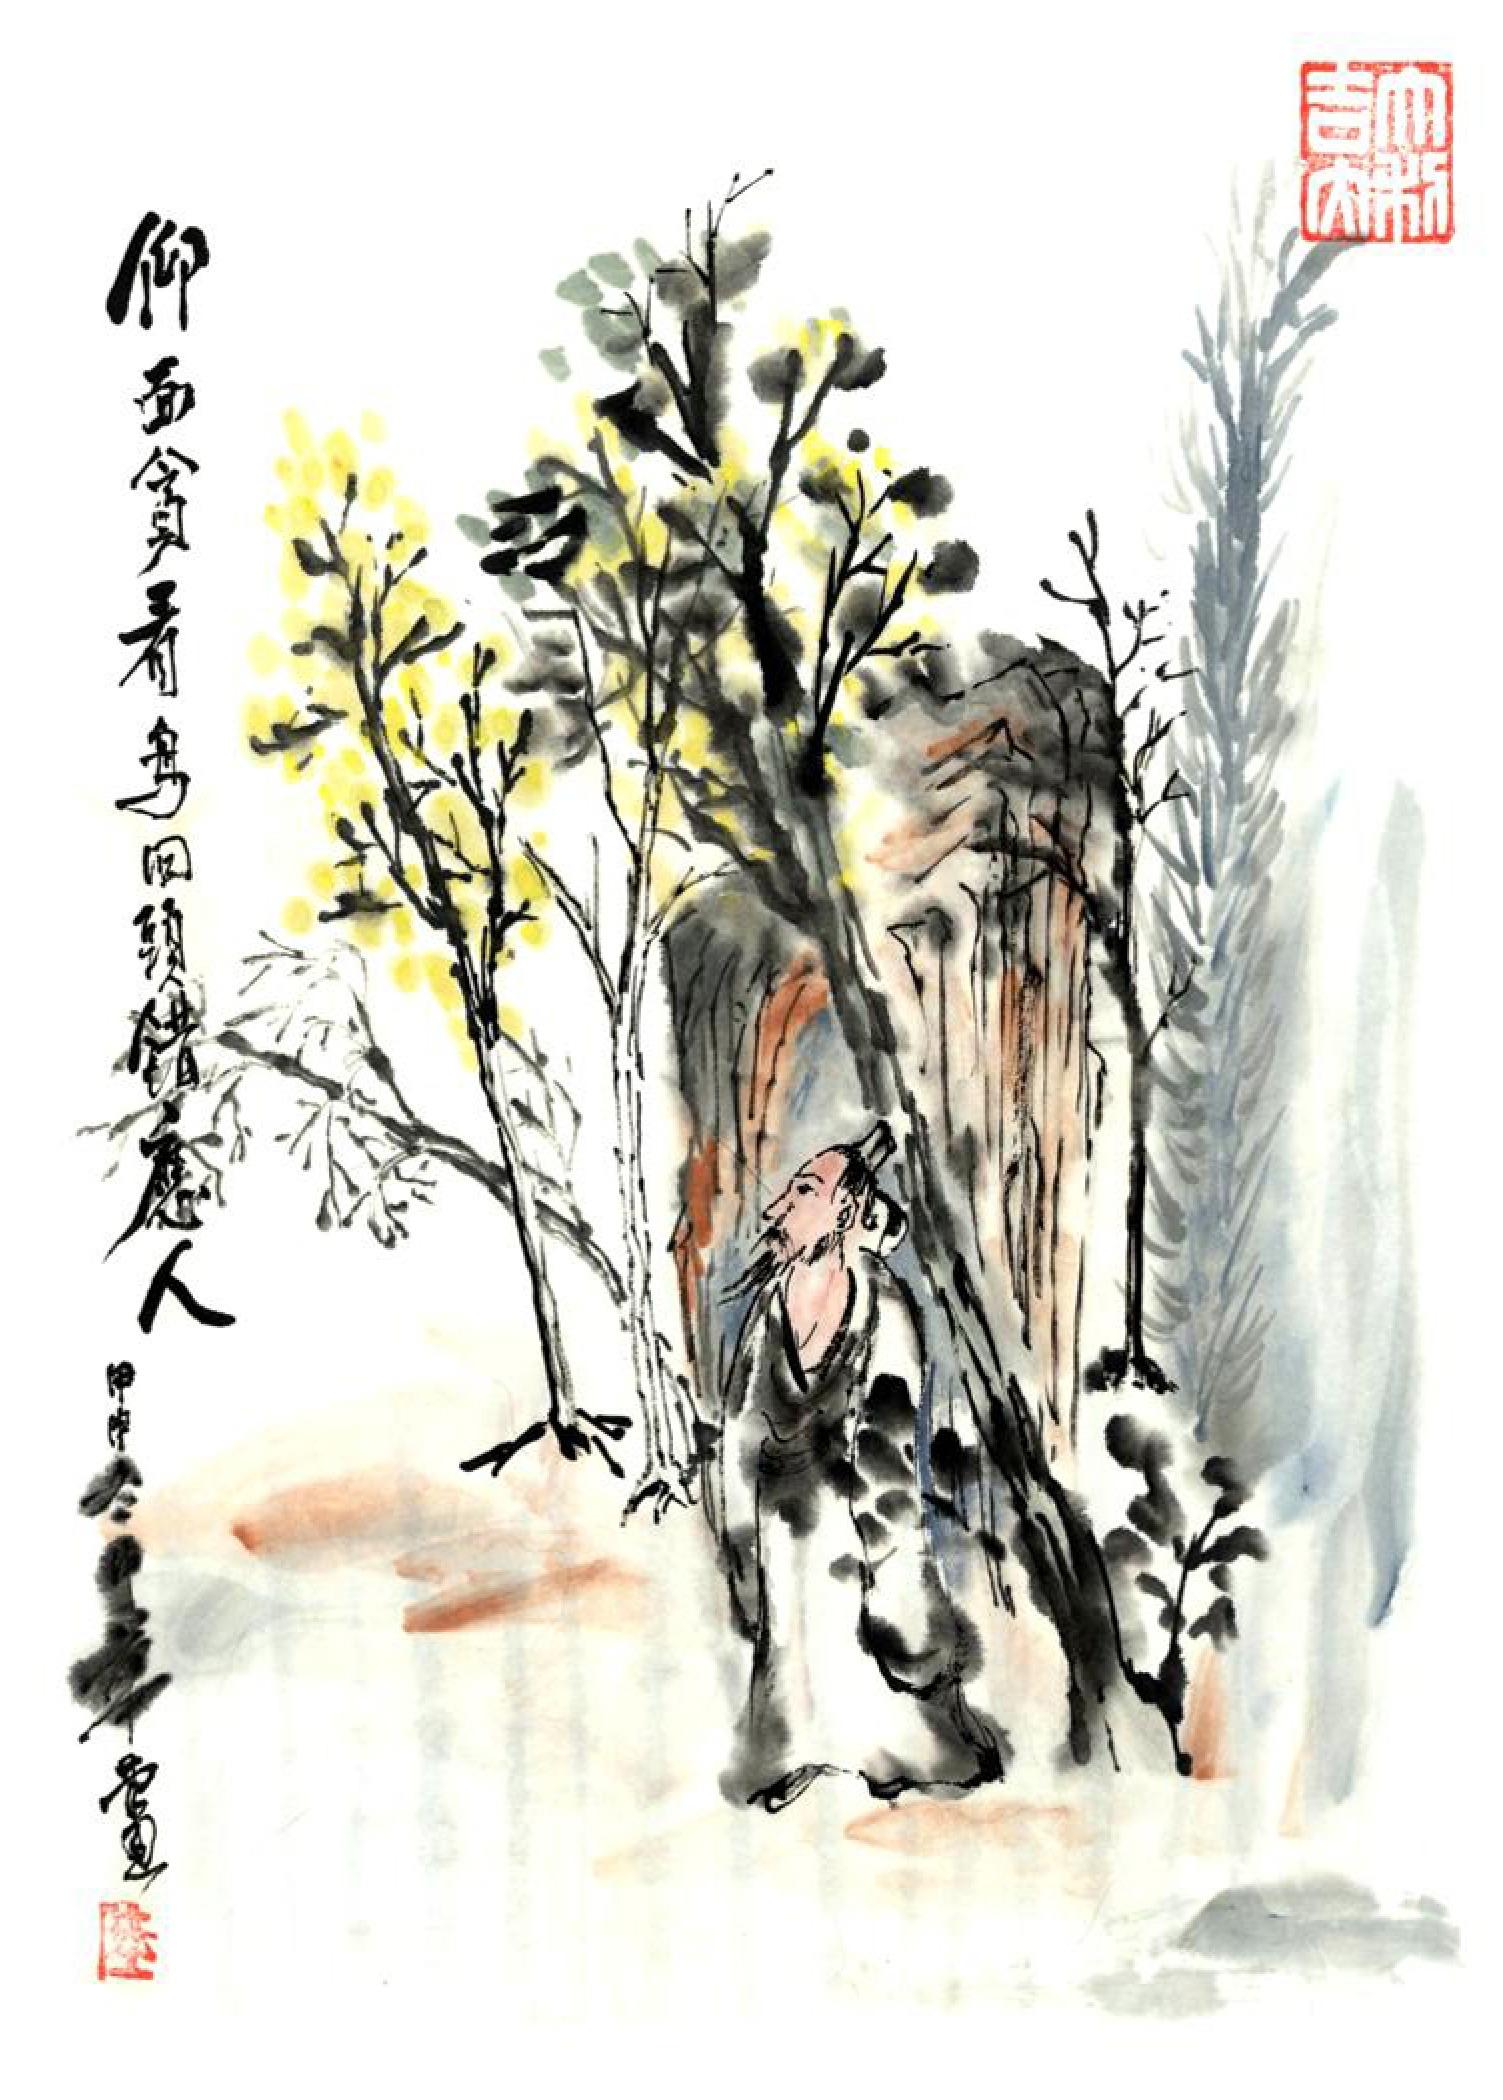 1-005 Poet's Grove